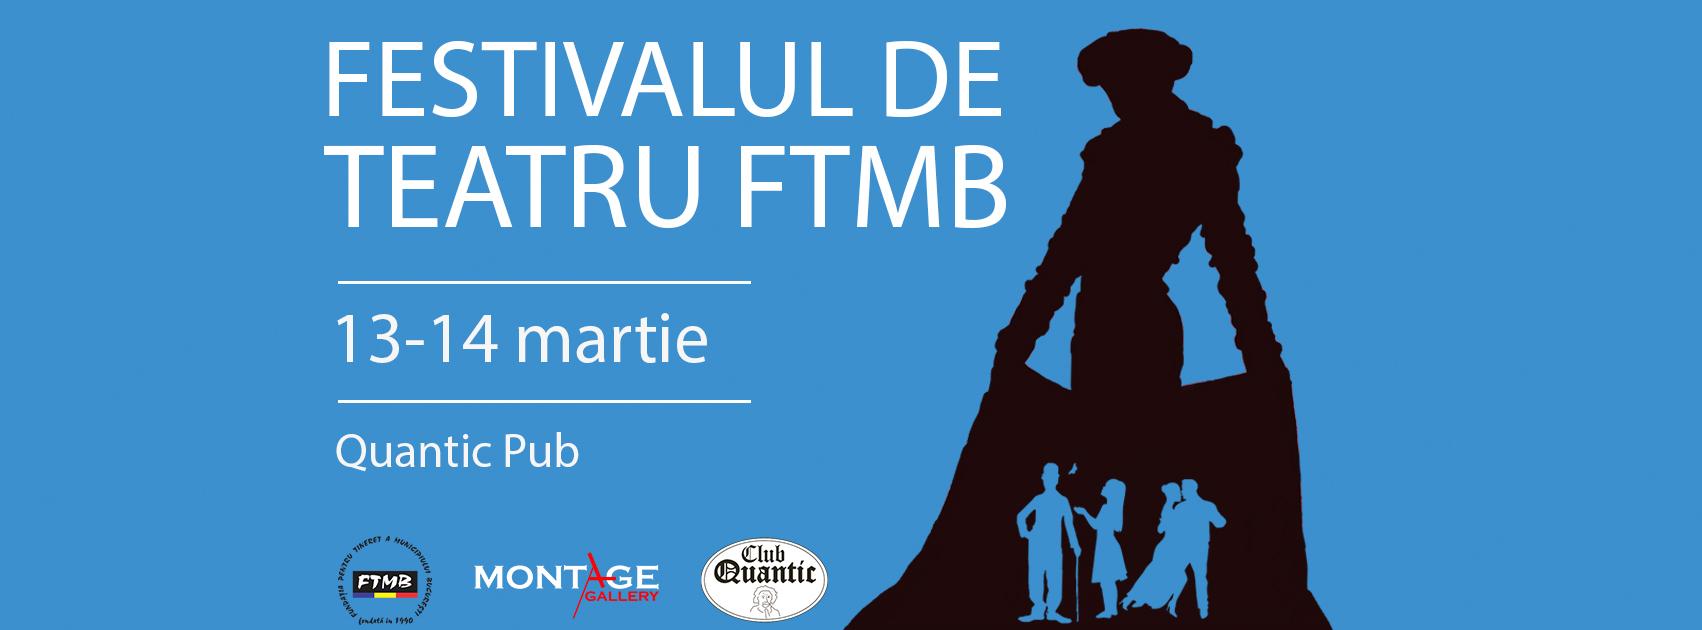 Teatru FTMB-afiș